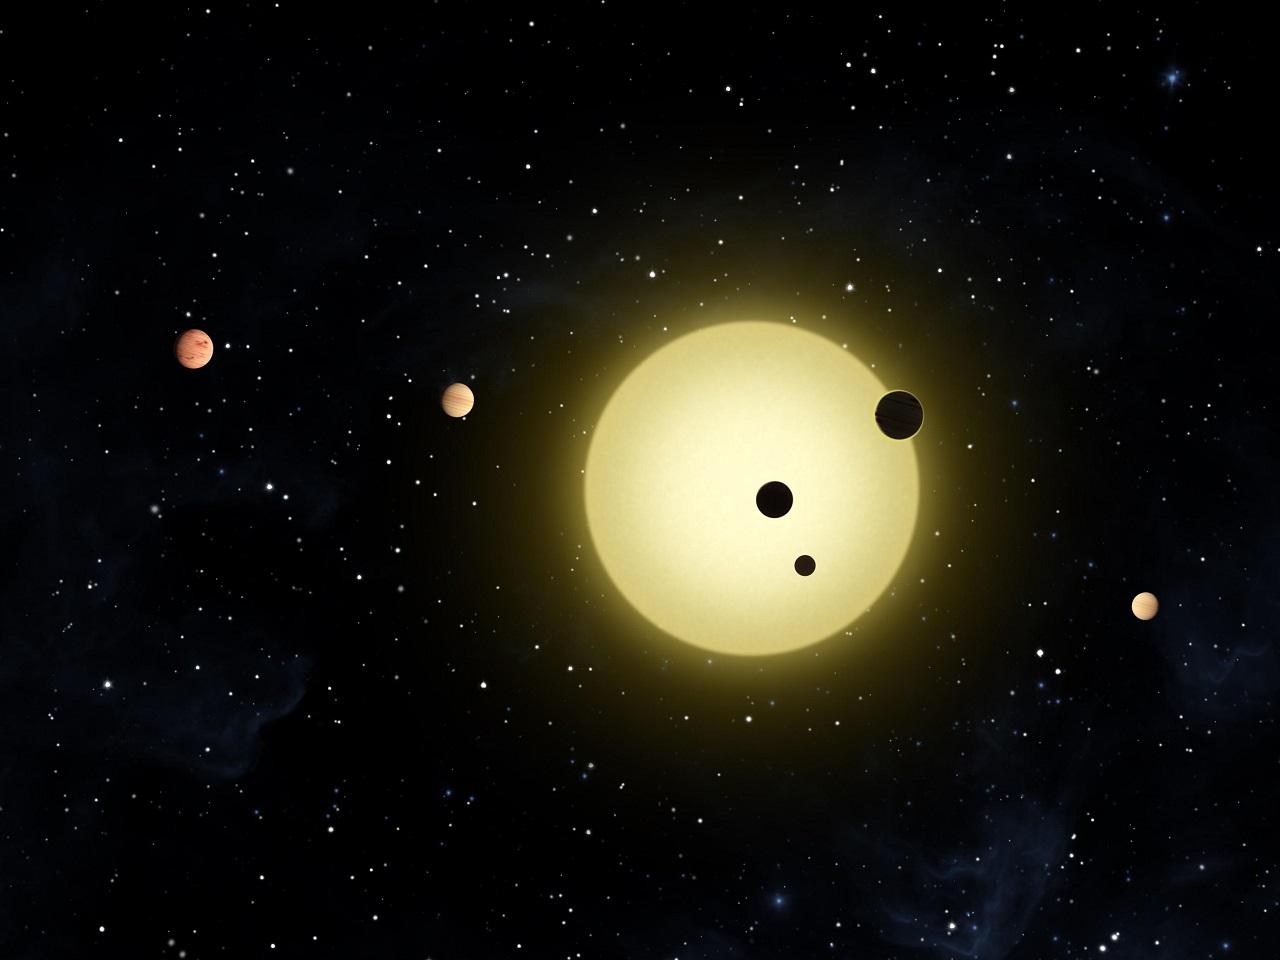 აღმოჩენილია დედამიწის ზომის 18 ახალი ეგზოპლანეტა